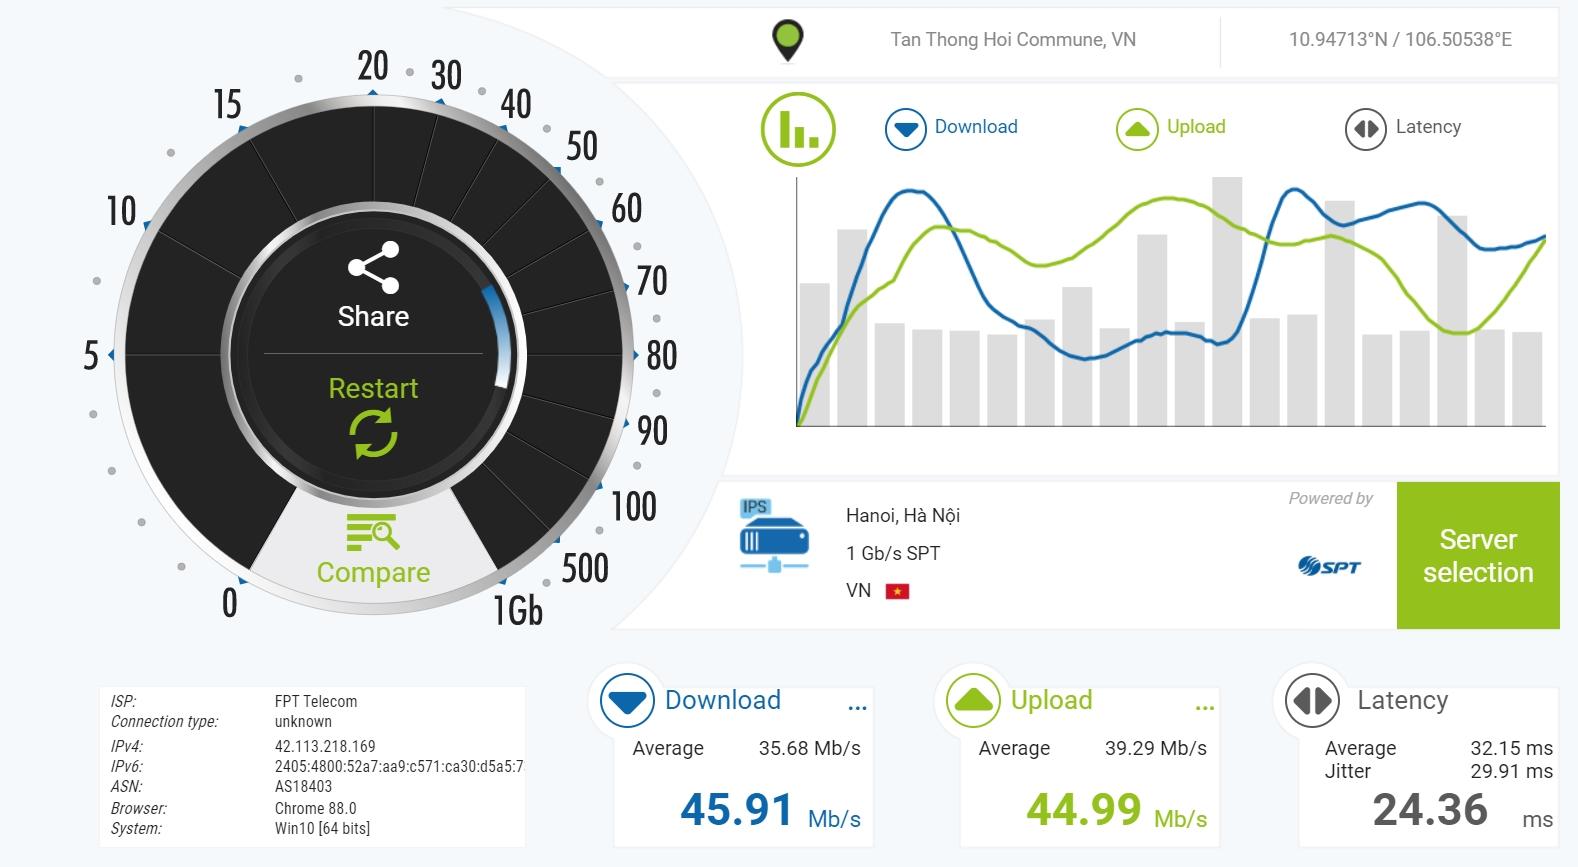 Kiểm tra tốc độ mạng, test đường truyền internet trên máy tính